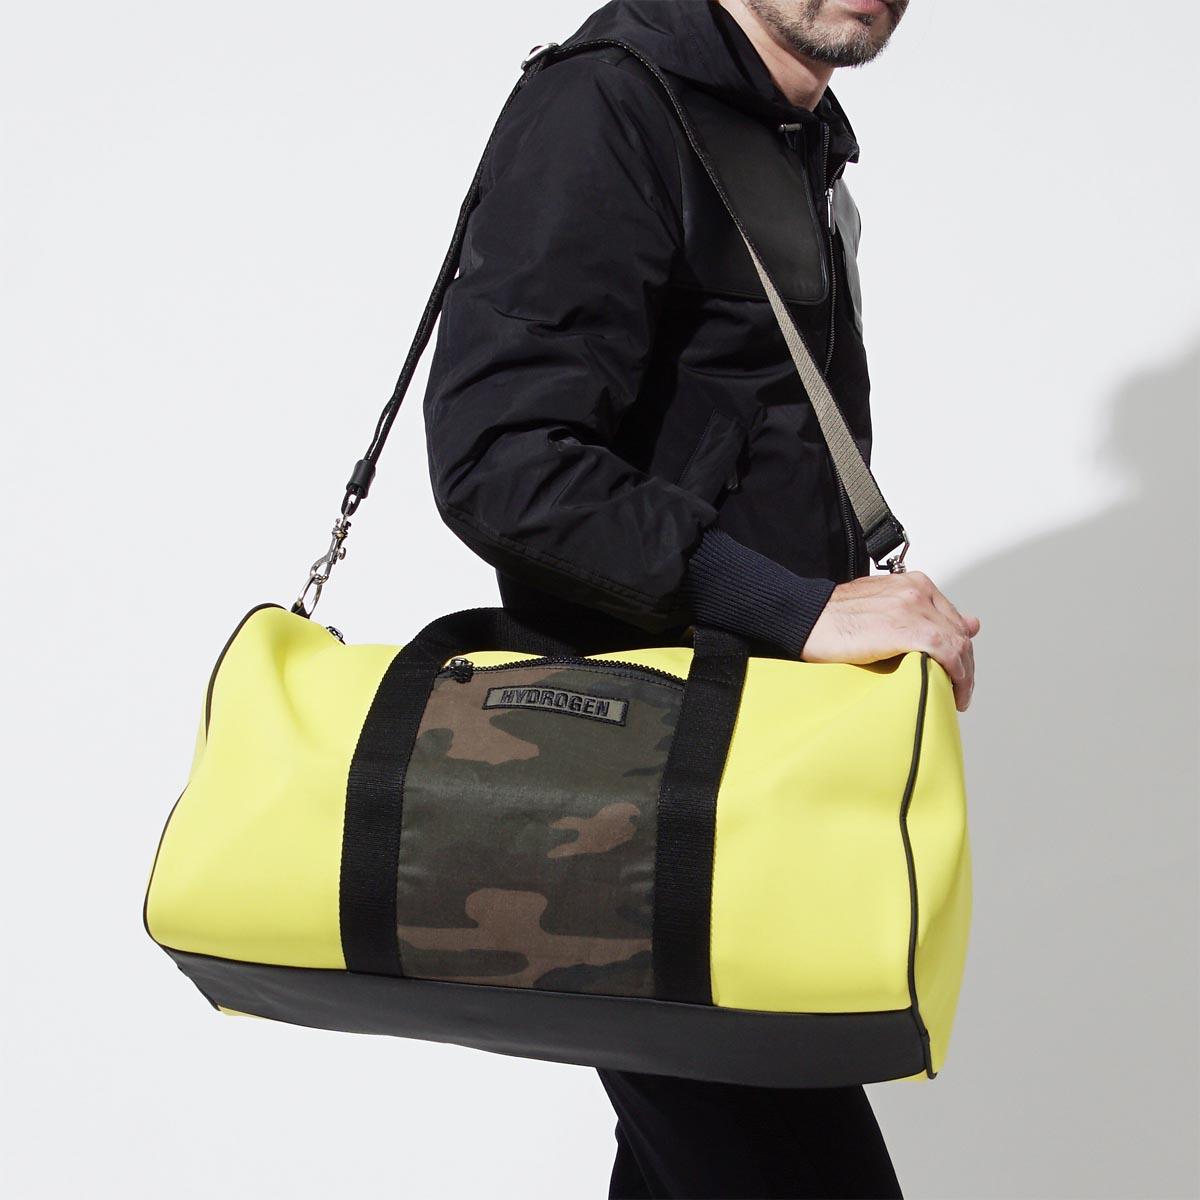 Nếu chọn chiếc túi màu sáng thì hãy tiết chế quần áo tập gym của bạn với gam màu đen hoặc xám. Ảnh: Rakuten